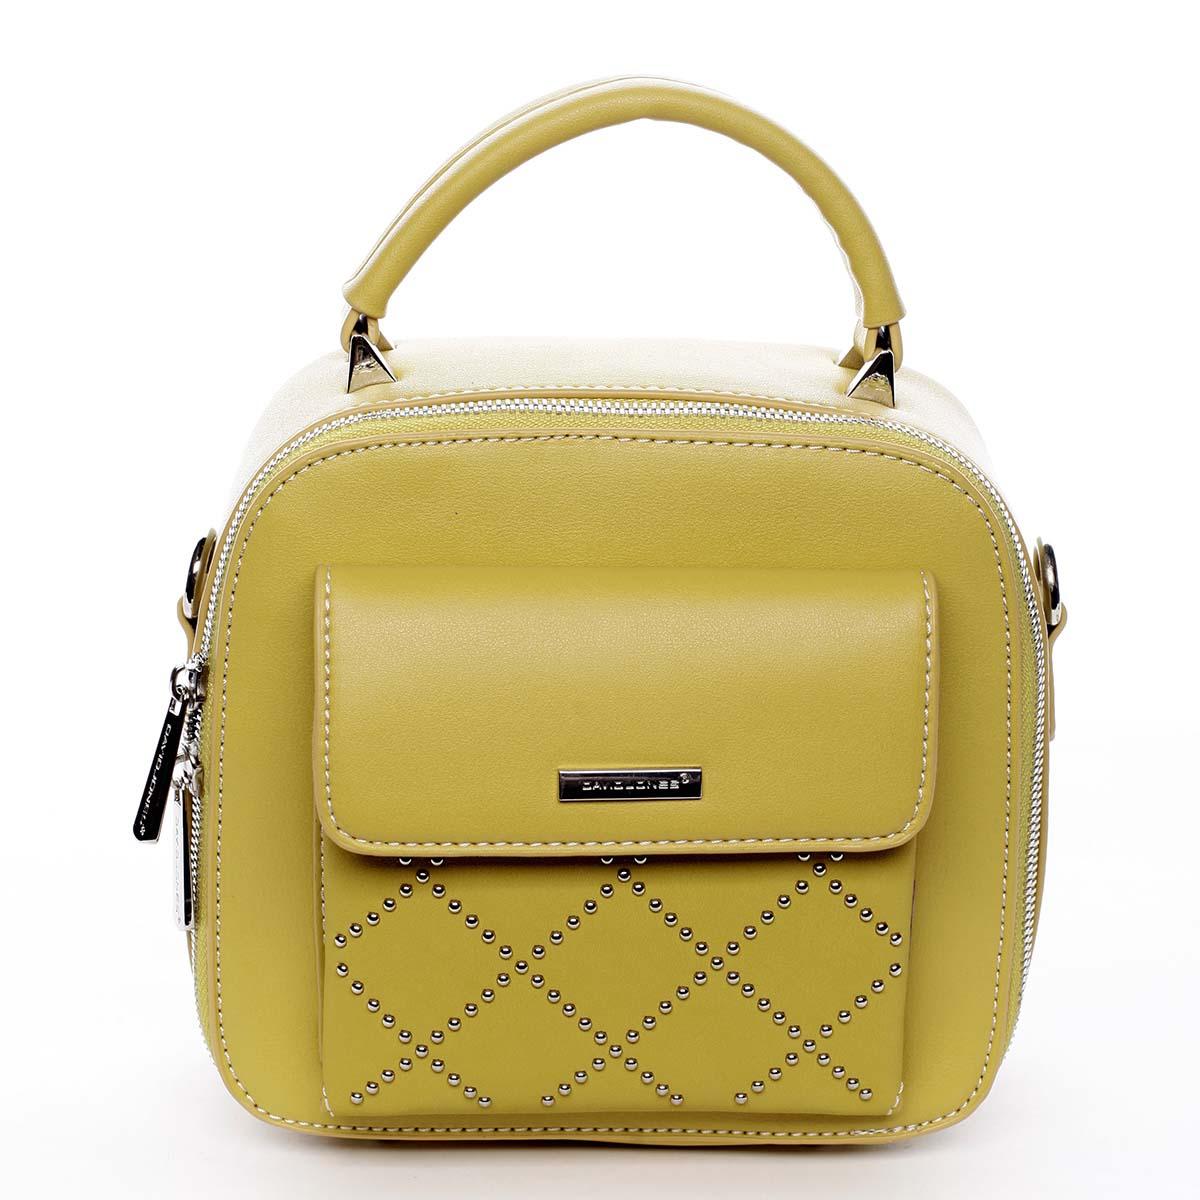 Luxusní malá dámská kabelka do ruky žlutá - David Jones Stela